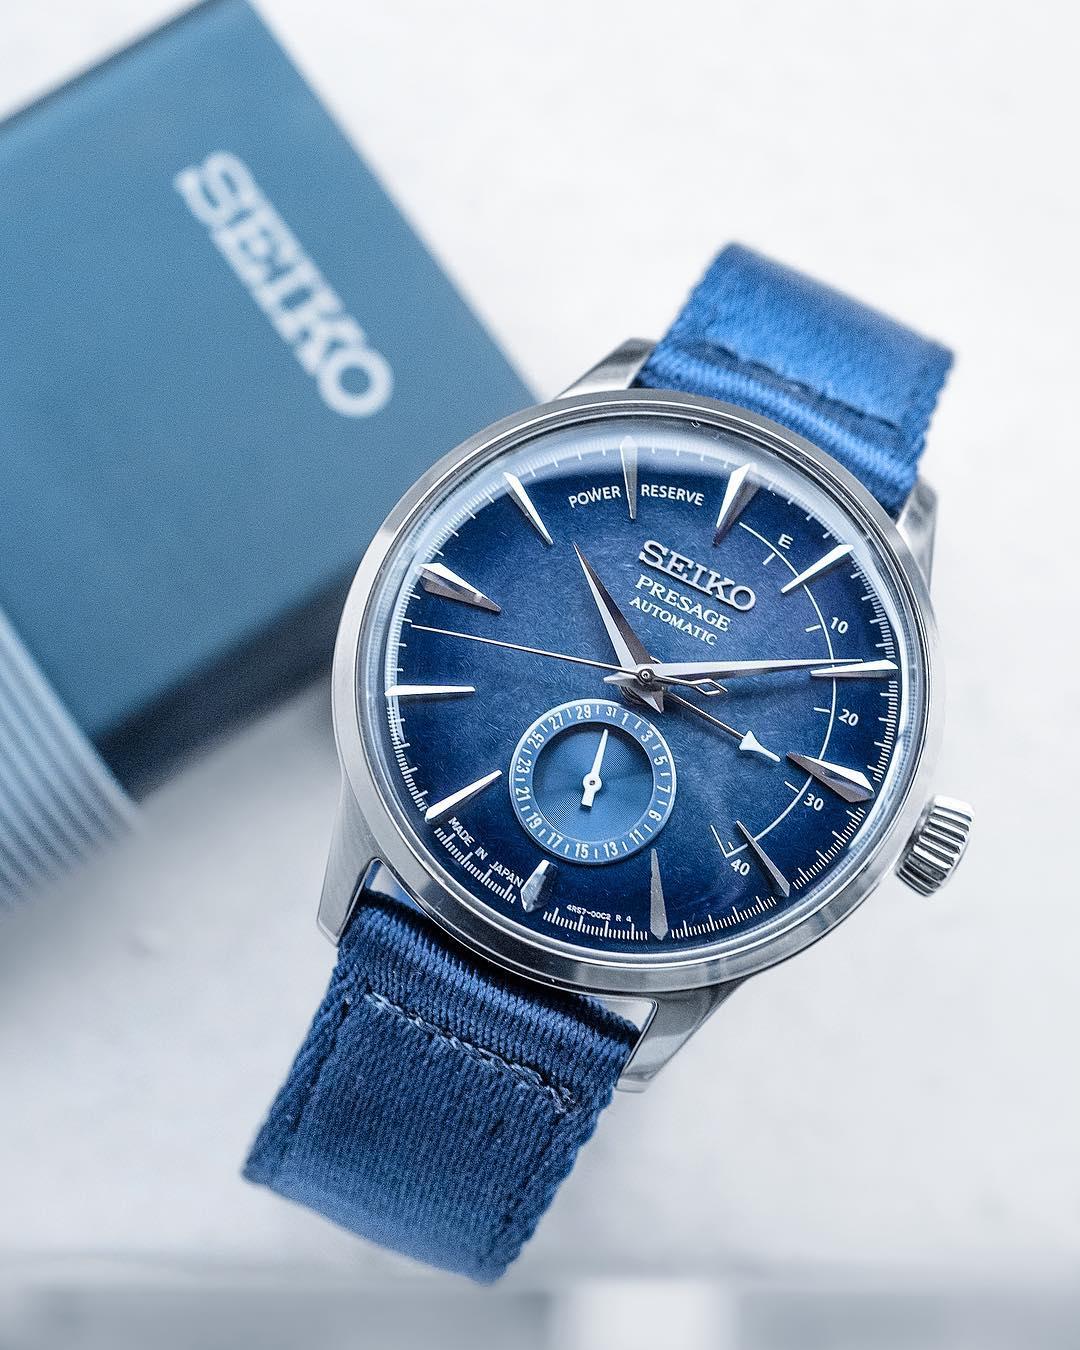 seiko presage watchbandit nato strap by gulenissen